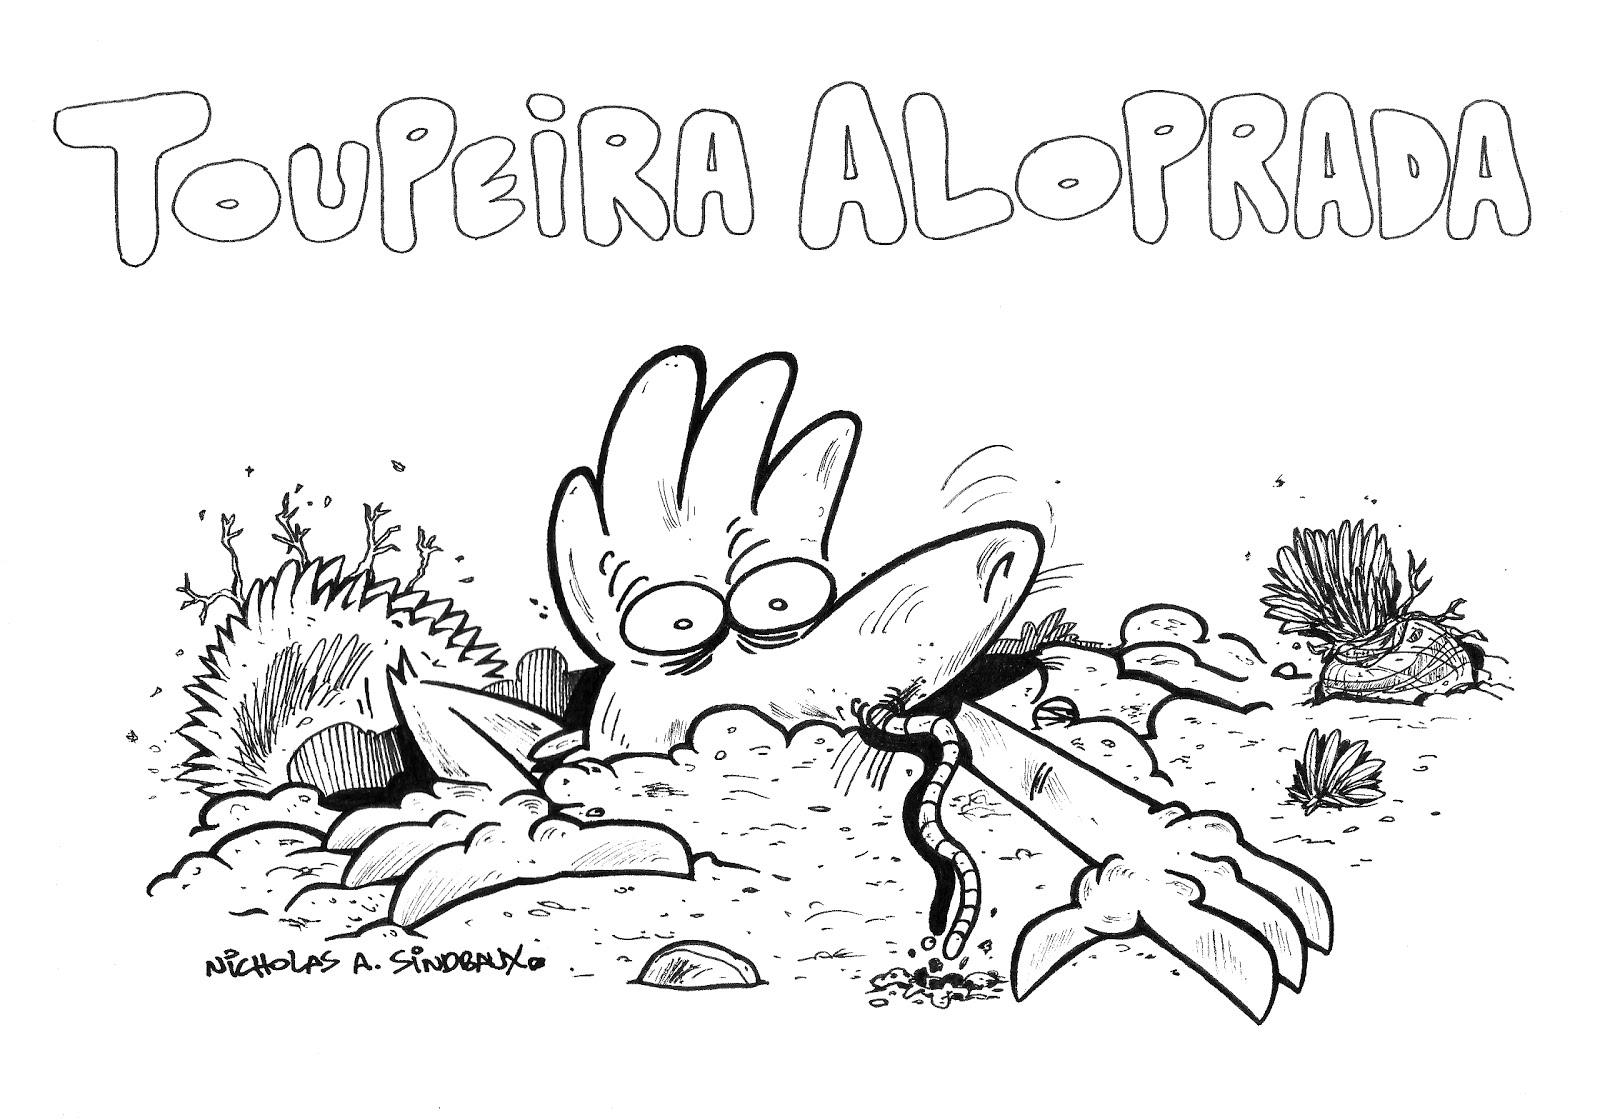 Toupeira Aloprada